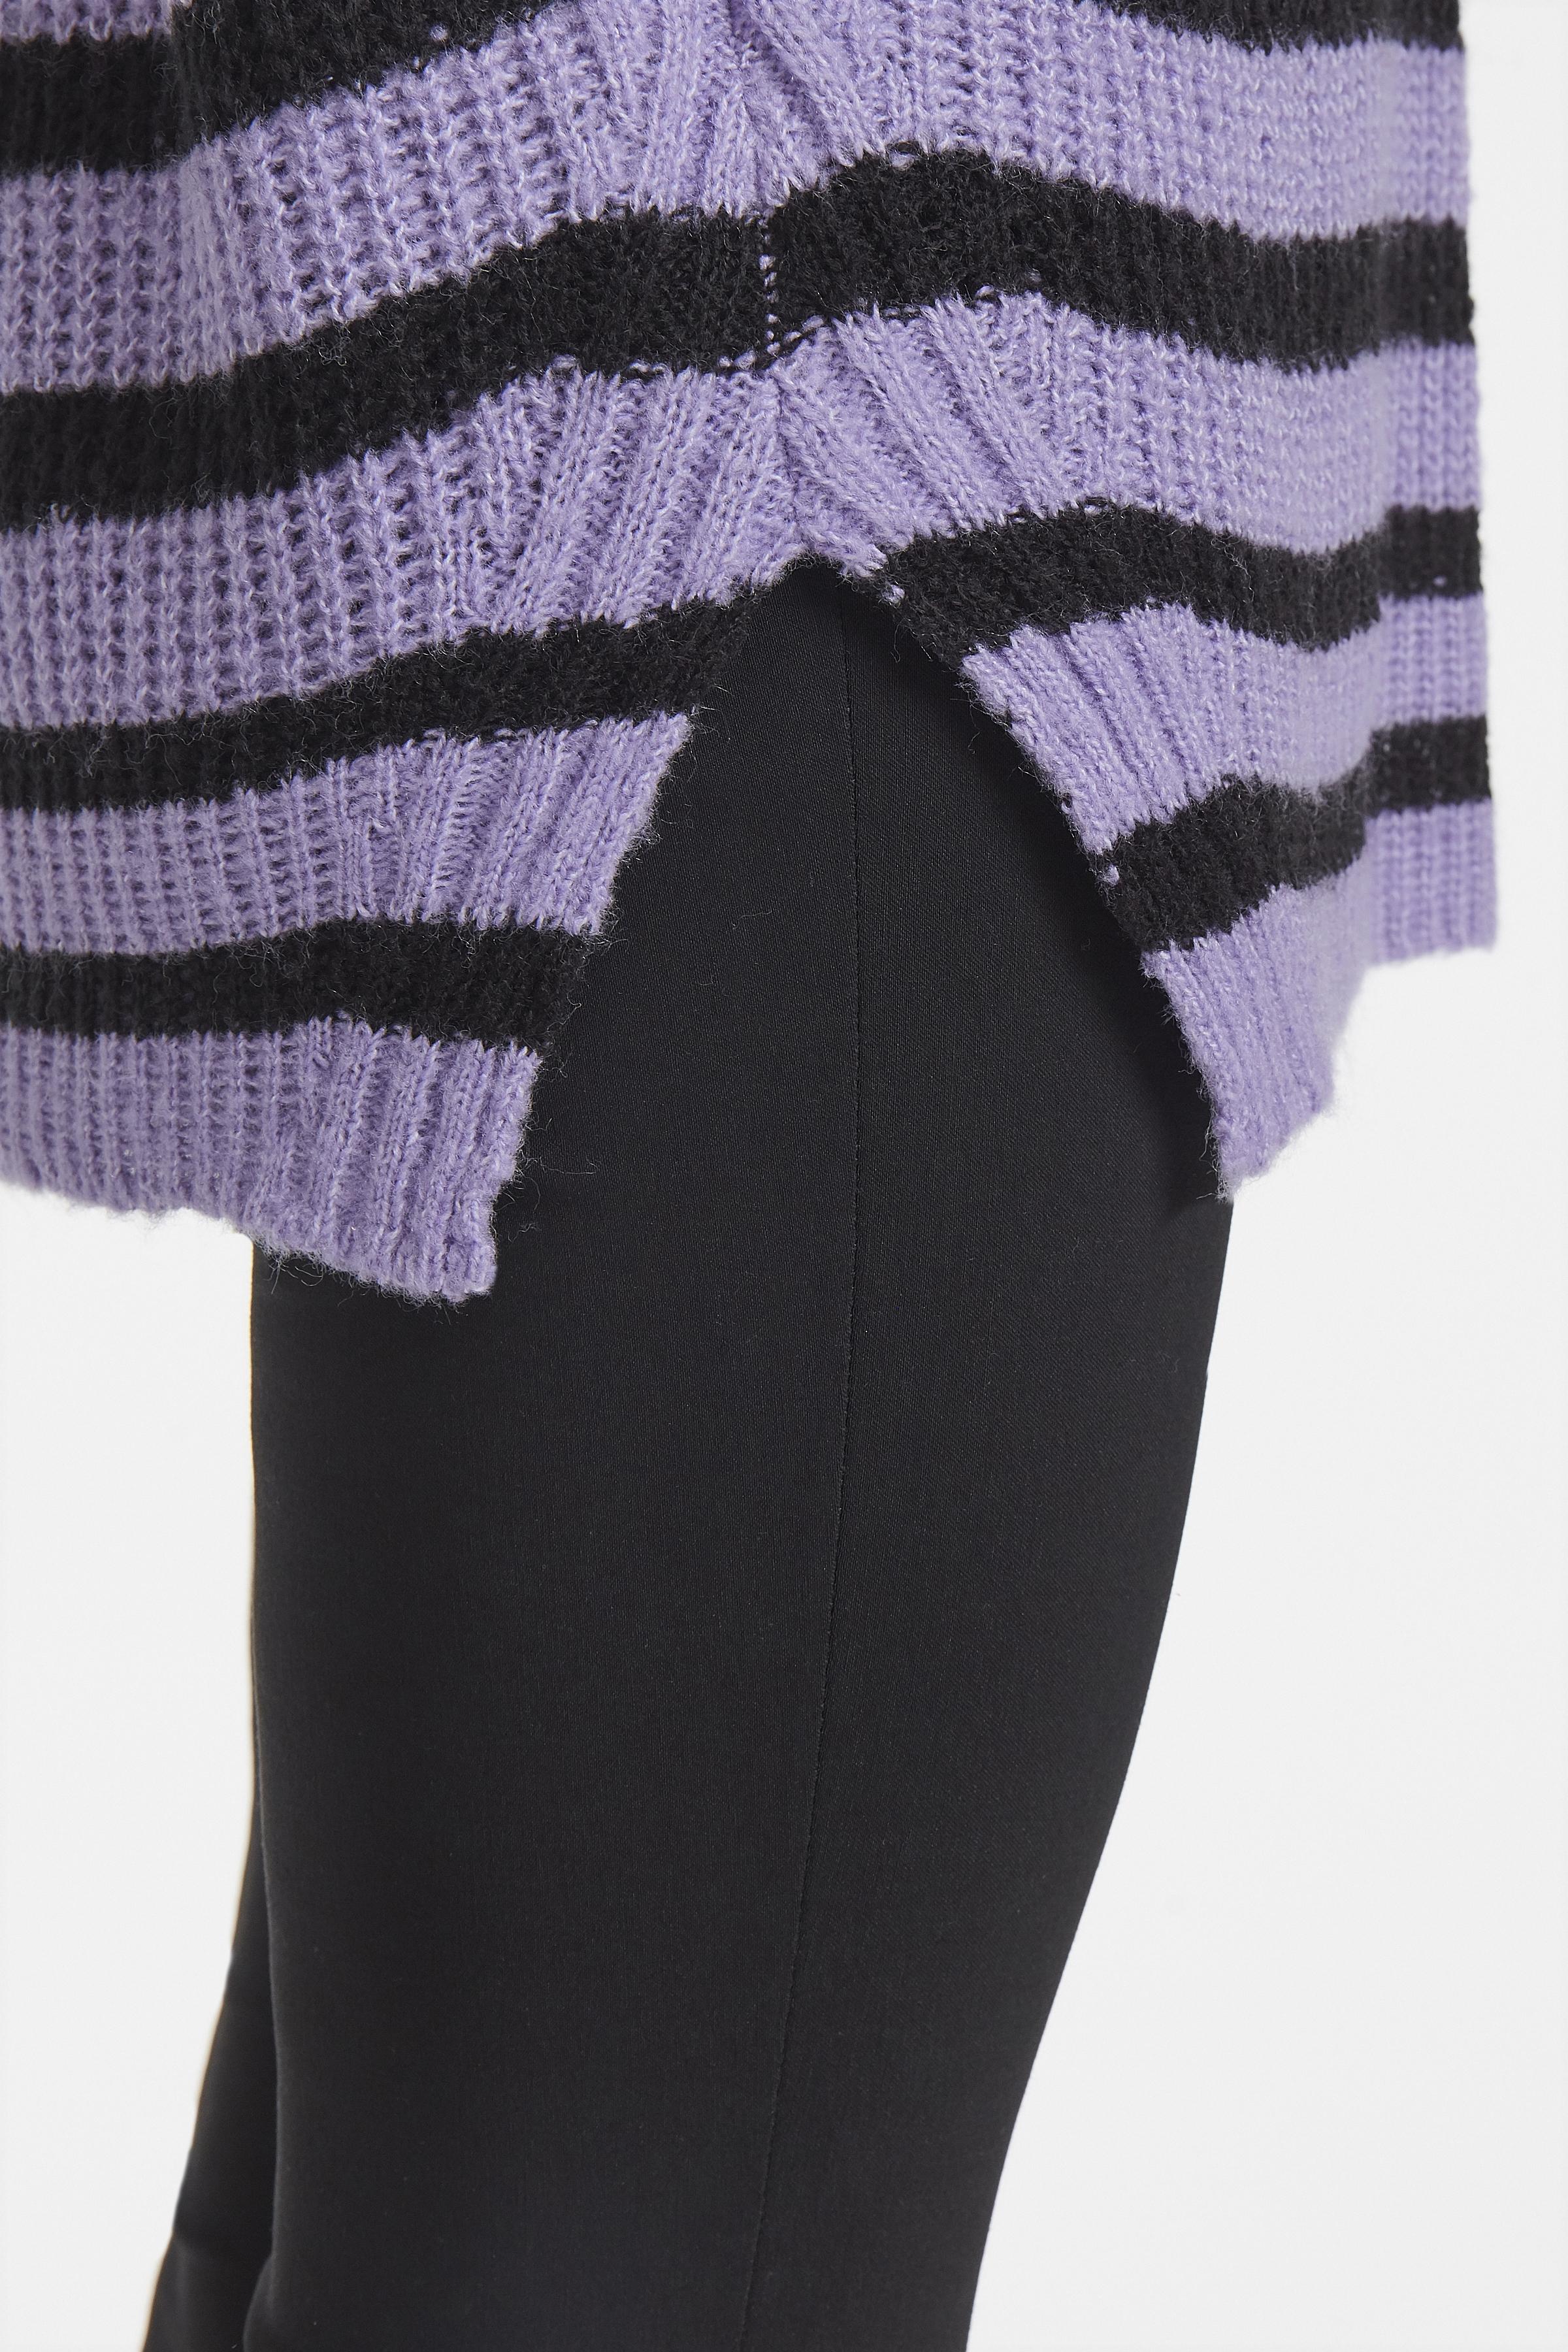 Violet Tulip Combi Strickpullover von b.young – Kaufen Sie Violet Tulip Combi Strickpullover aus Größe XS-XXL hier